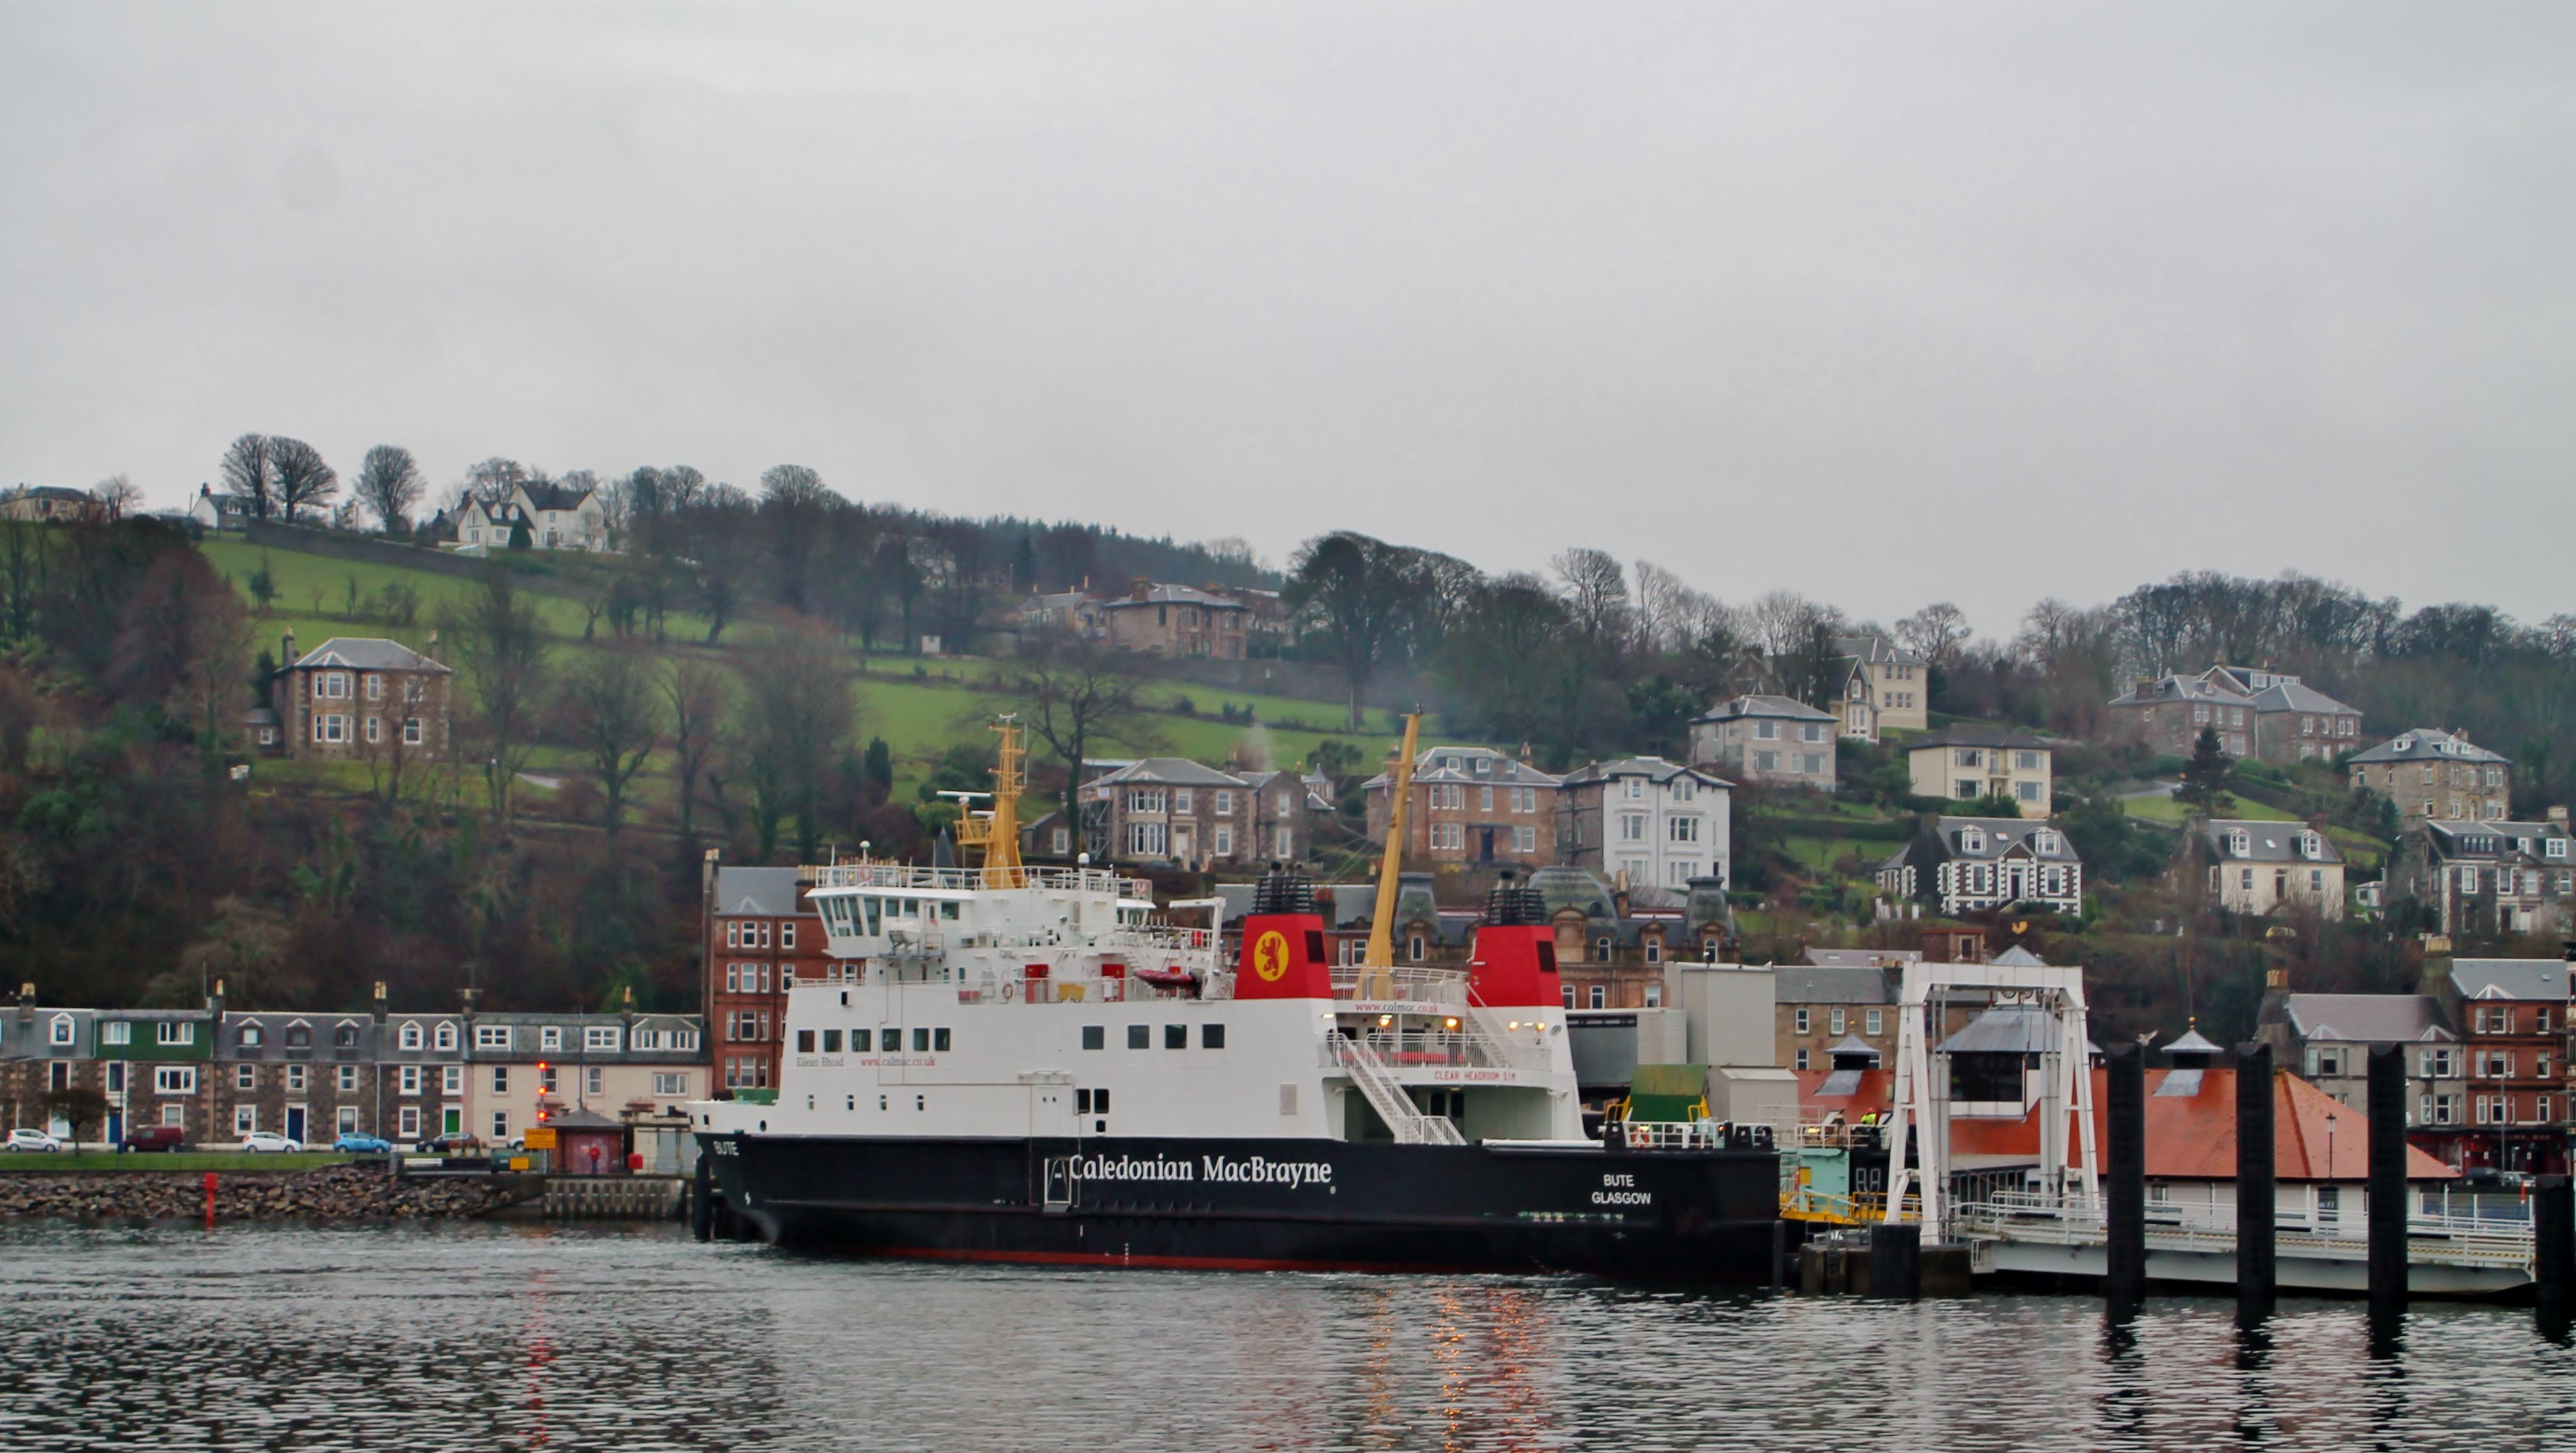 Bute at Rothesay (Ships of CalMac)